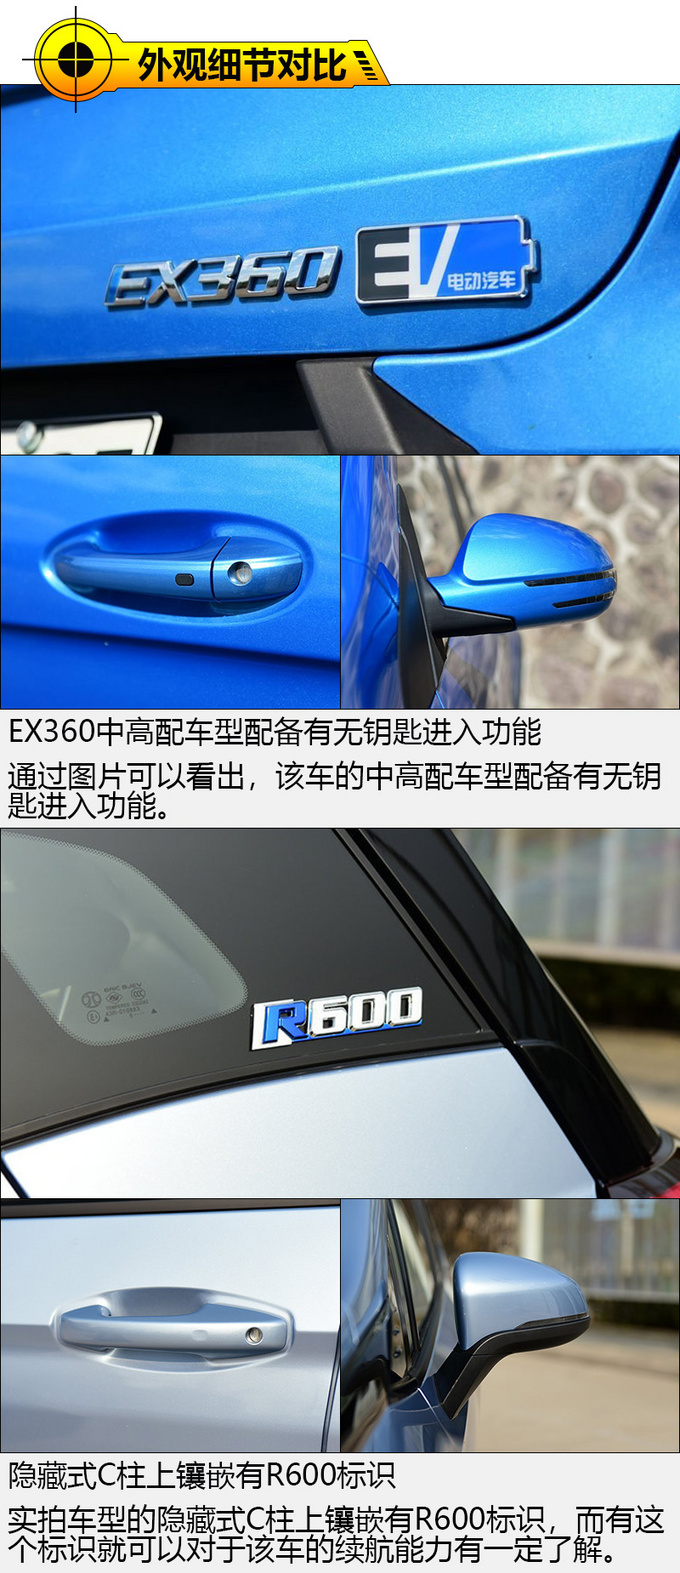 EX360与EX3之间的对视 真的好像自己未来的样子-图1